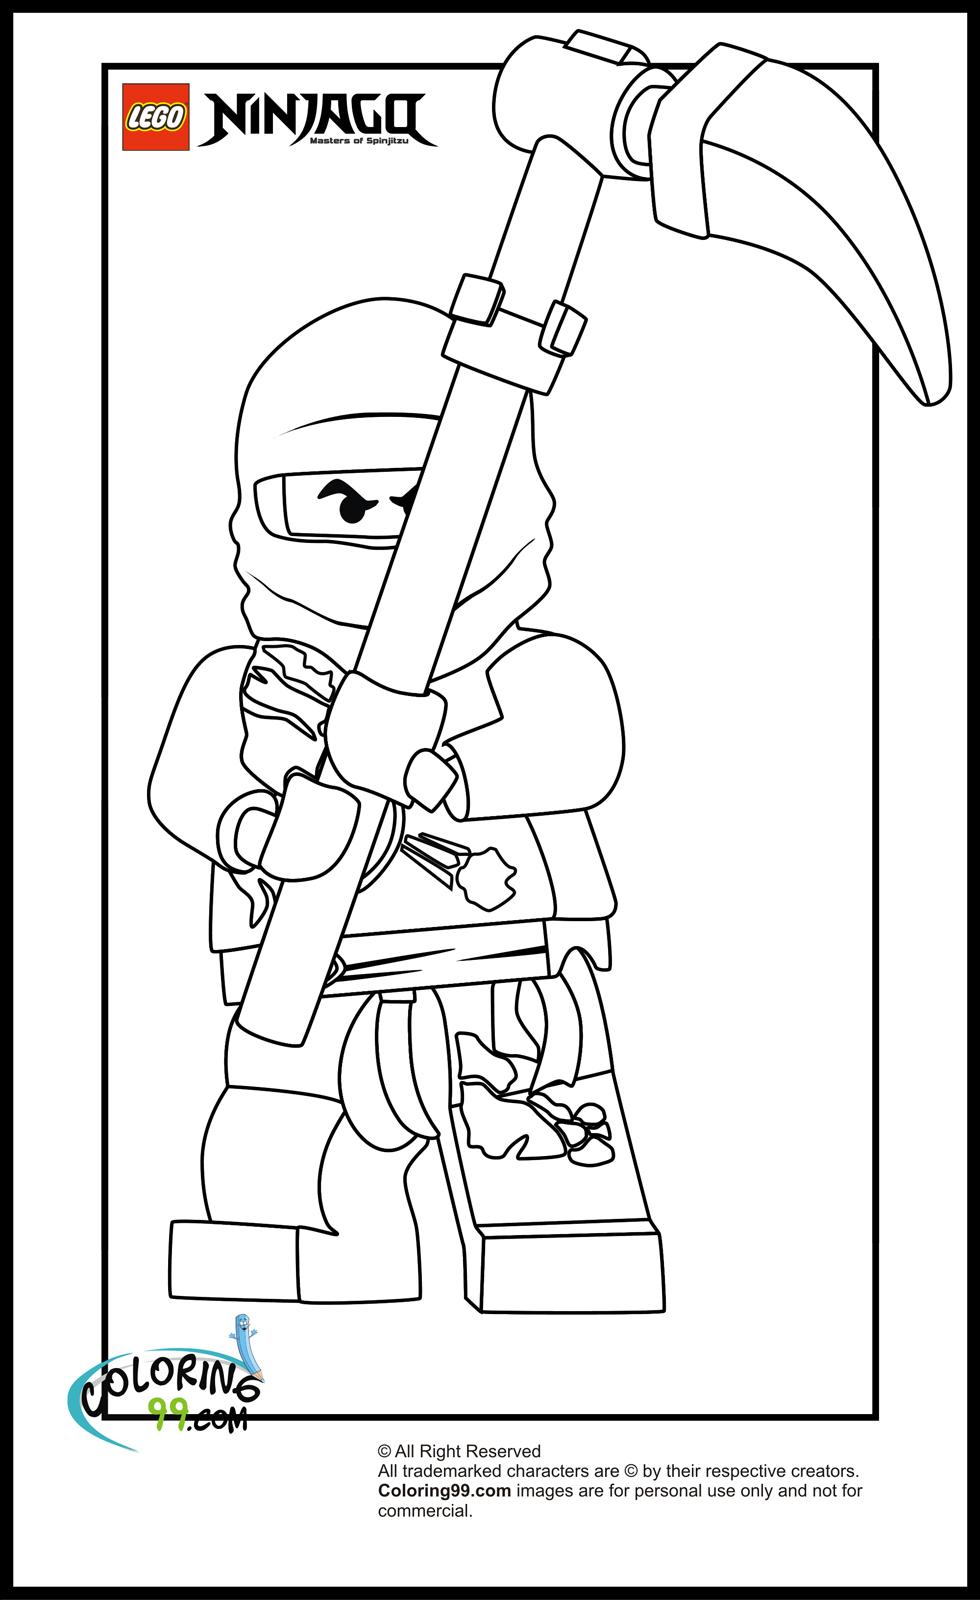 black ninjago coloring pages ninjago coloring pages coloring kids ninjago pages black coloring